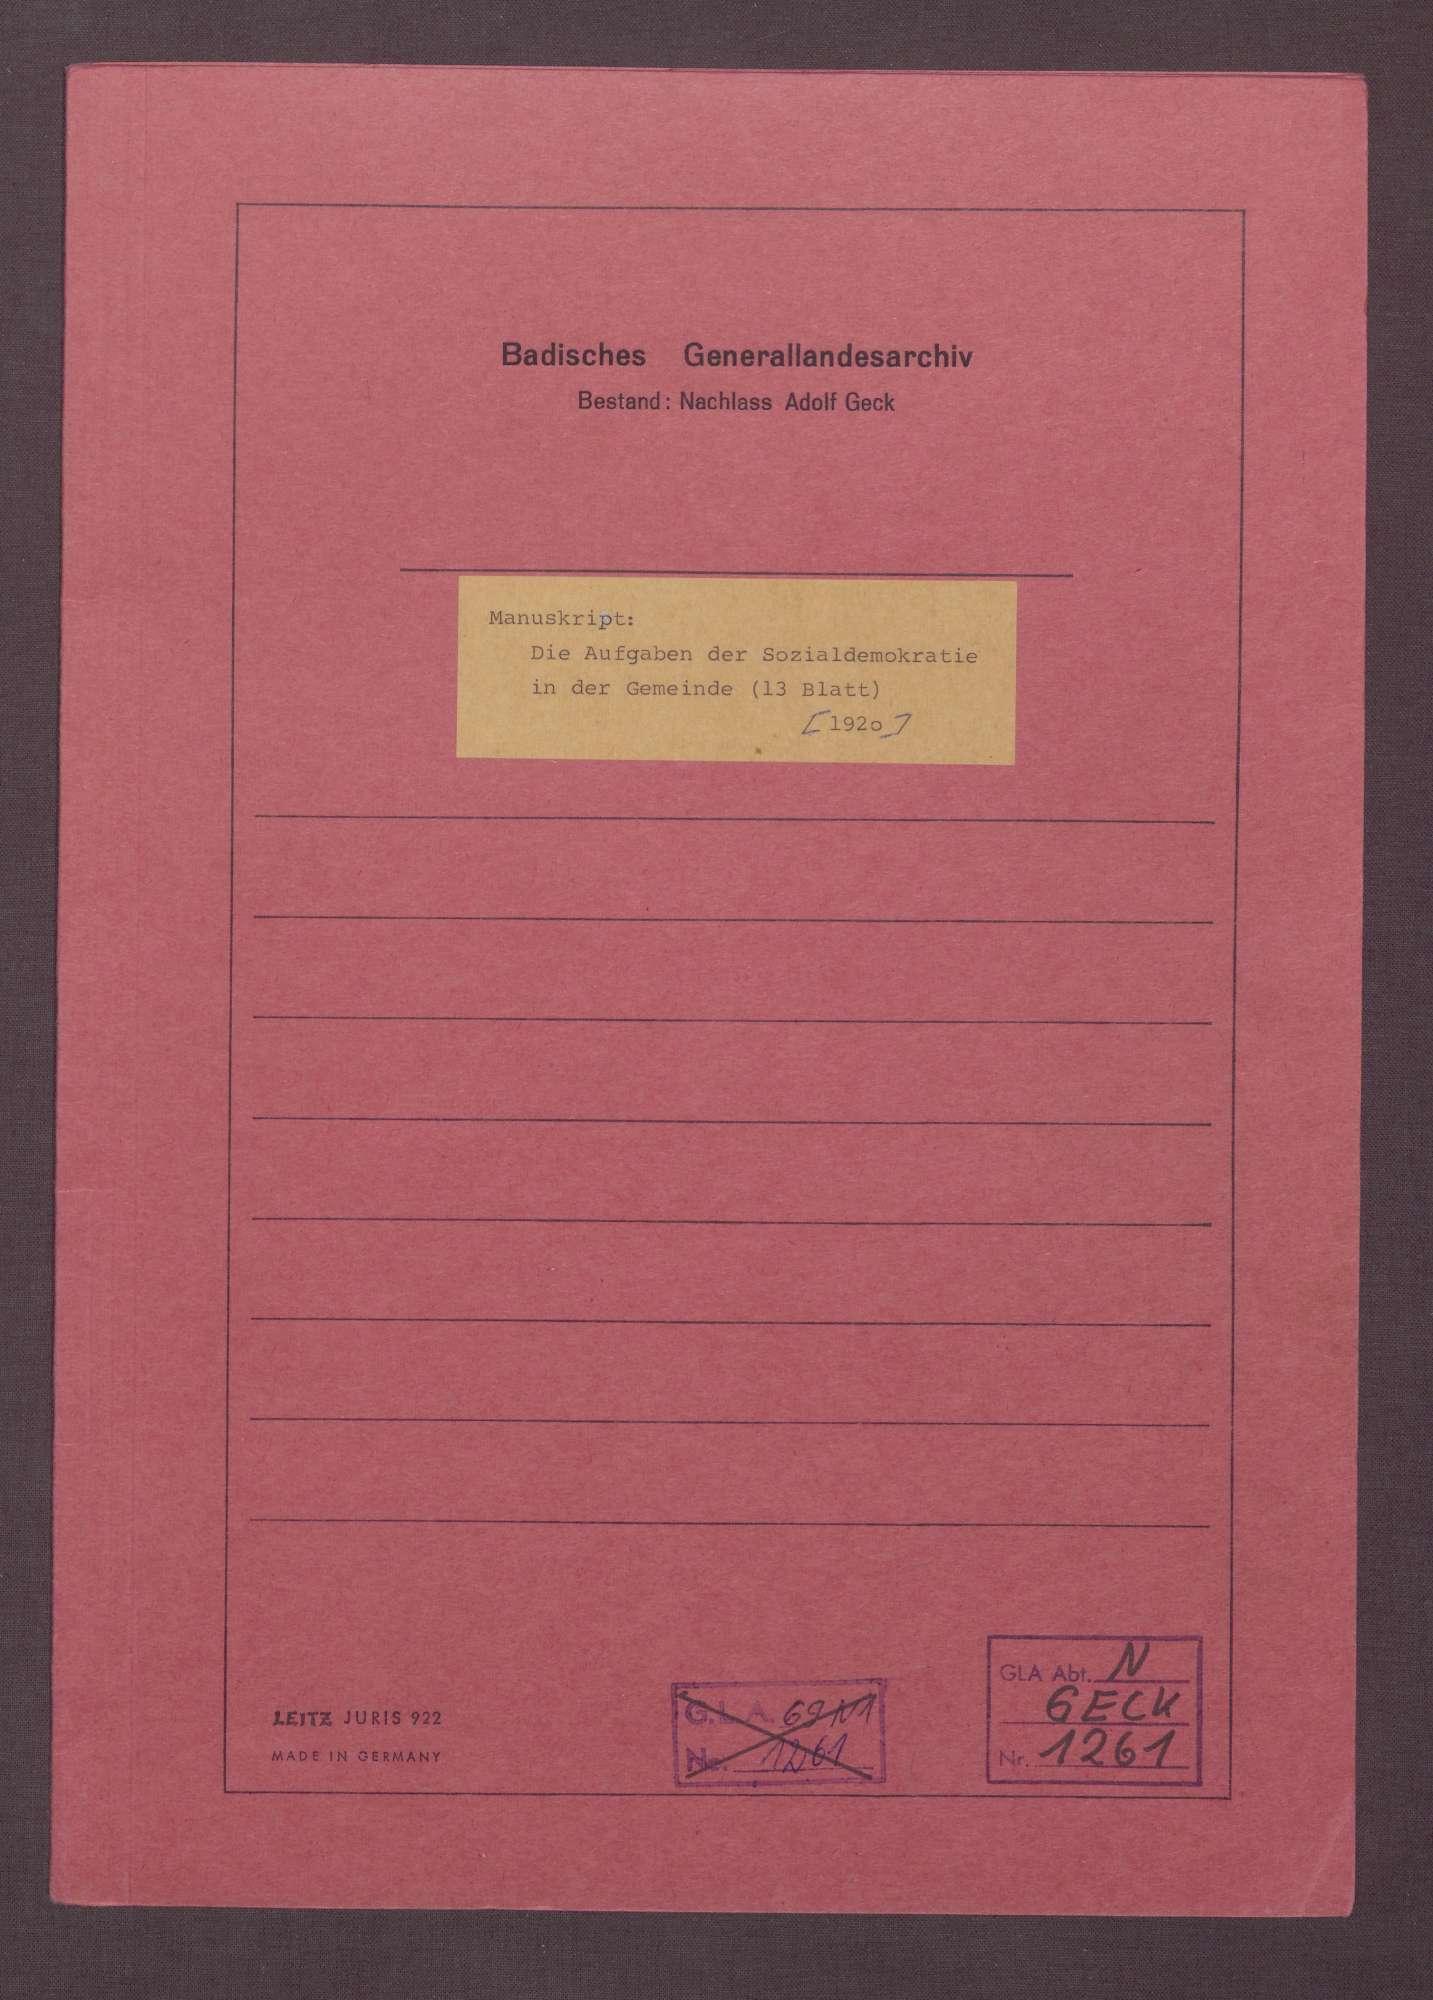 Manuskript: Die Aufgaben der Sozialdemokratie in der Gemeinde, Bild 1